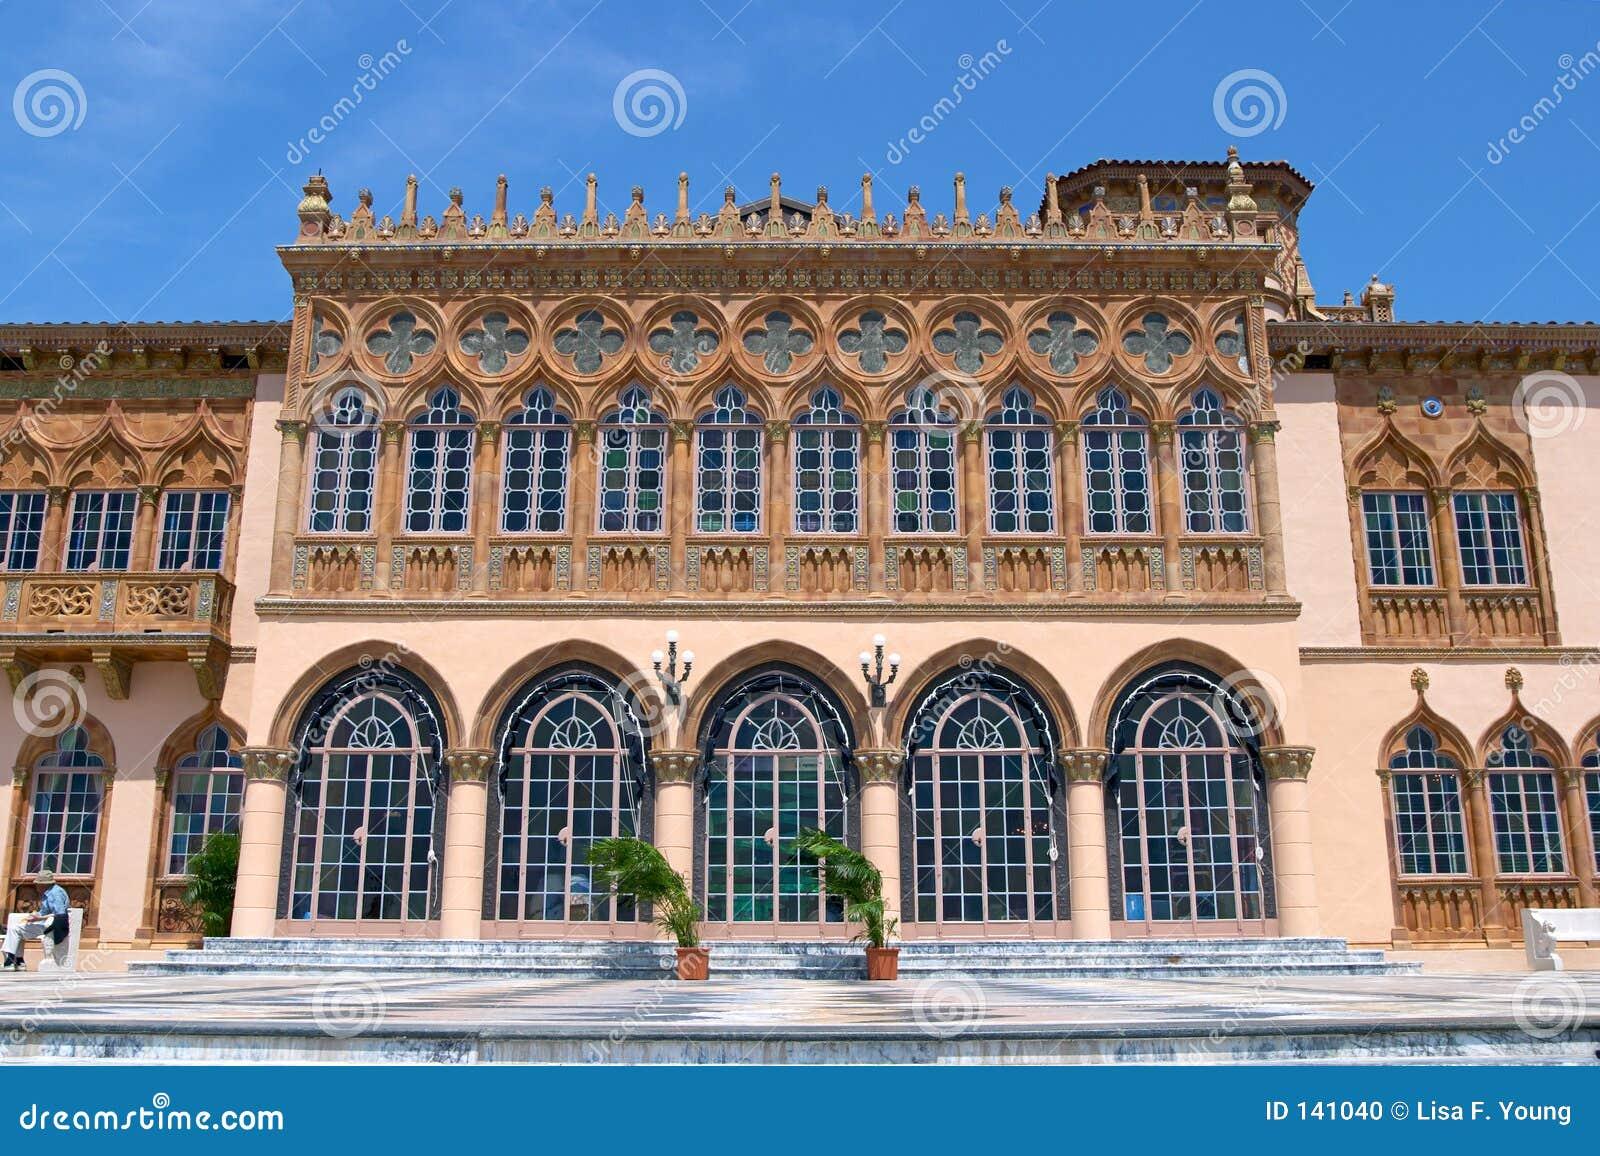 Venetian Style venetian style palazzo stock photo - image: 141040